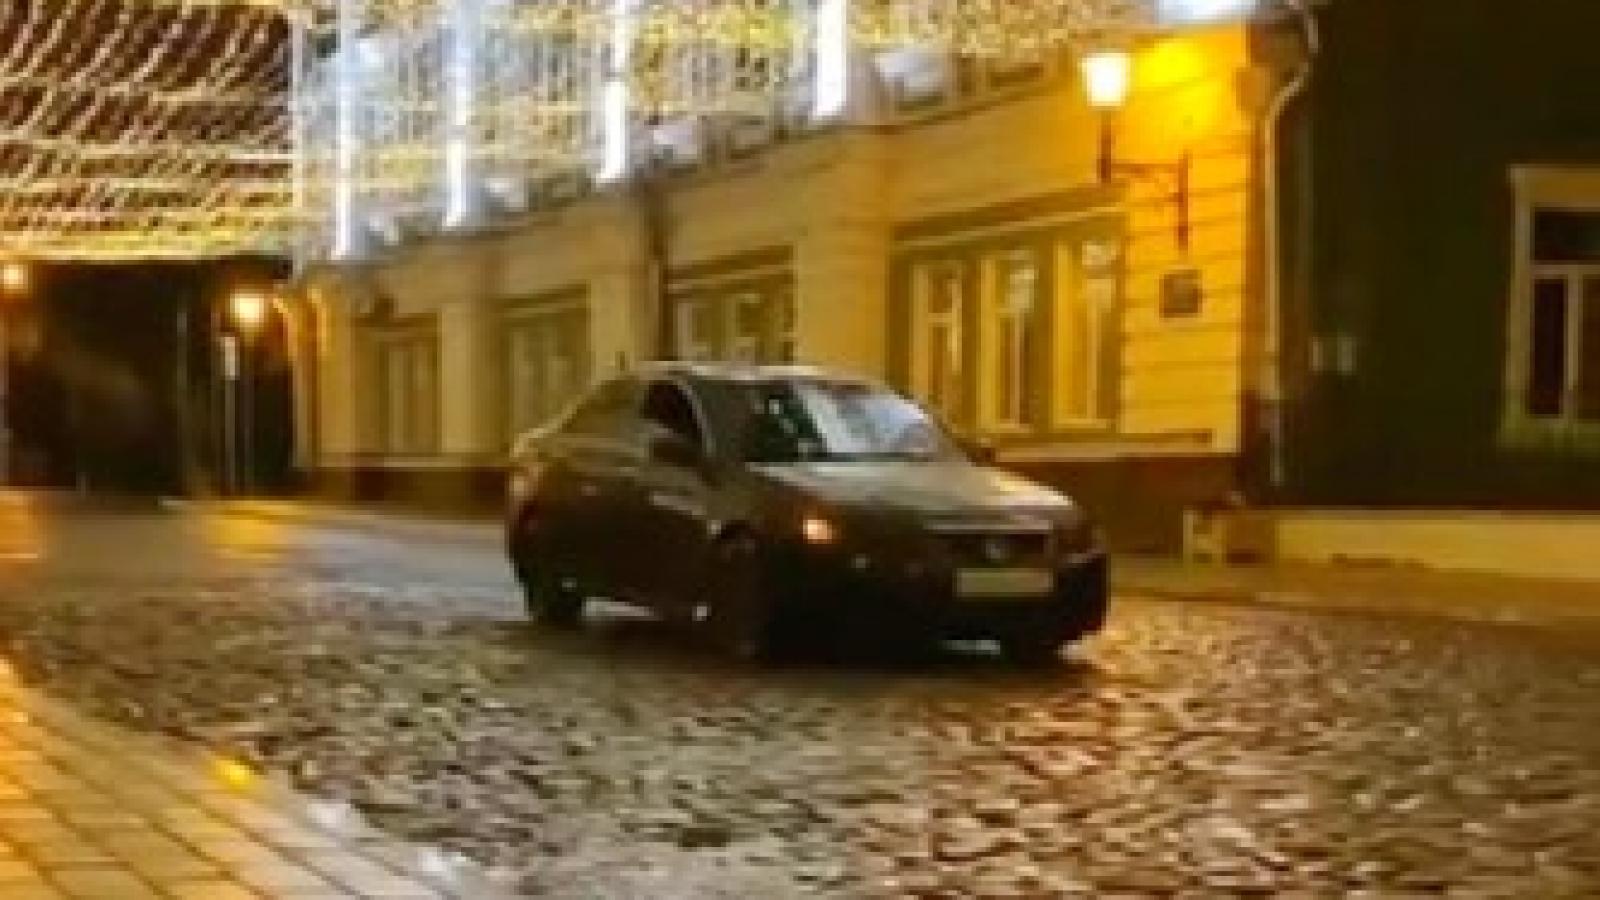 Вологодского тиктокера оштрафовали на 2 тыс. руб.